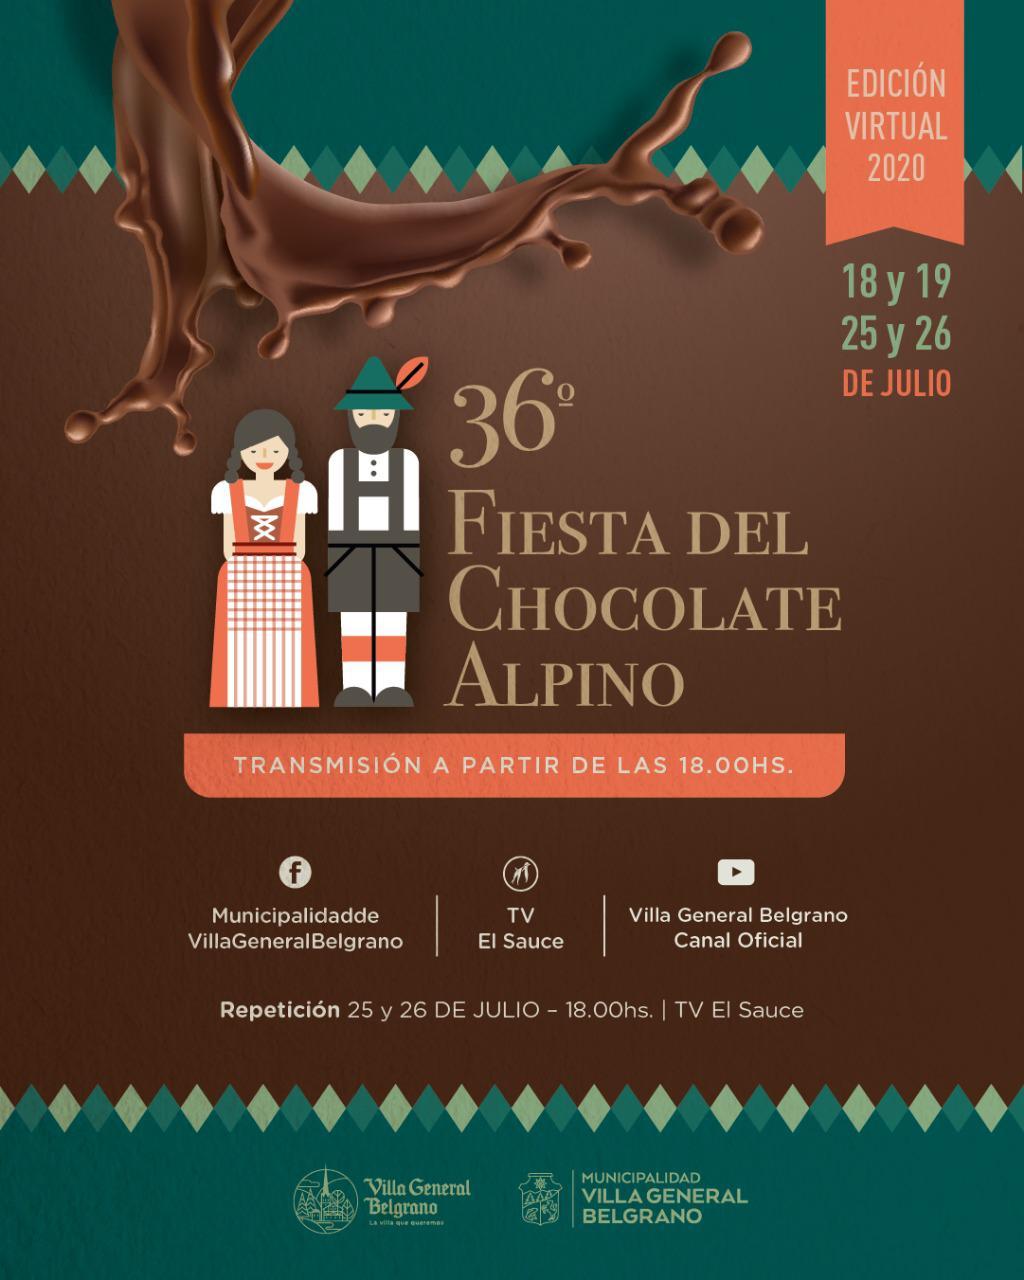 fiesta del chocolate alpino en casa